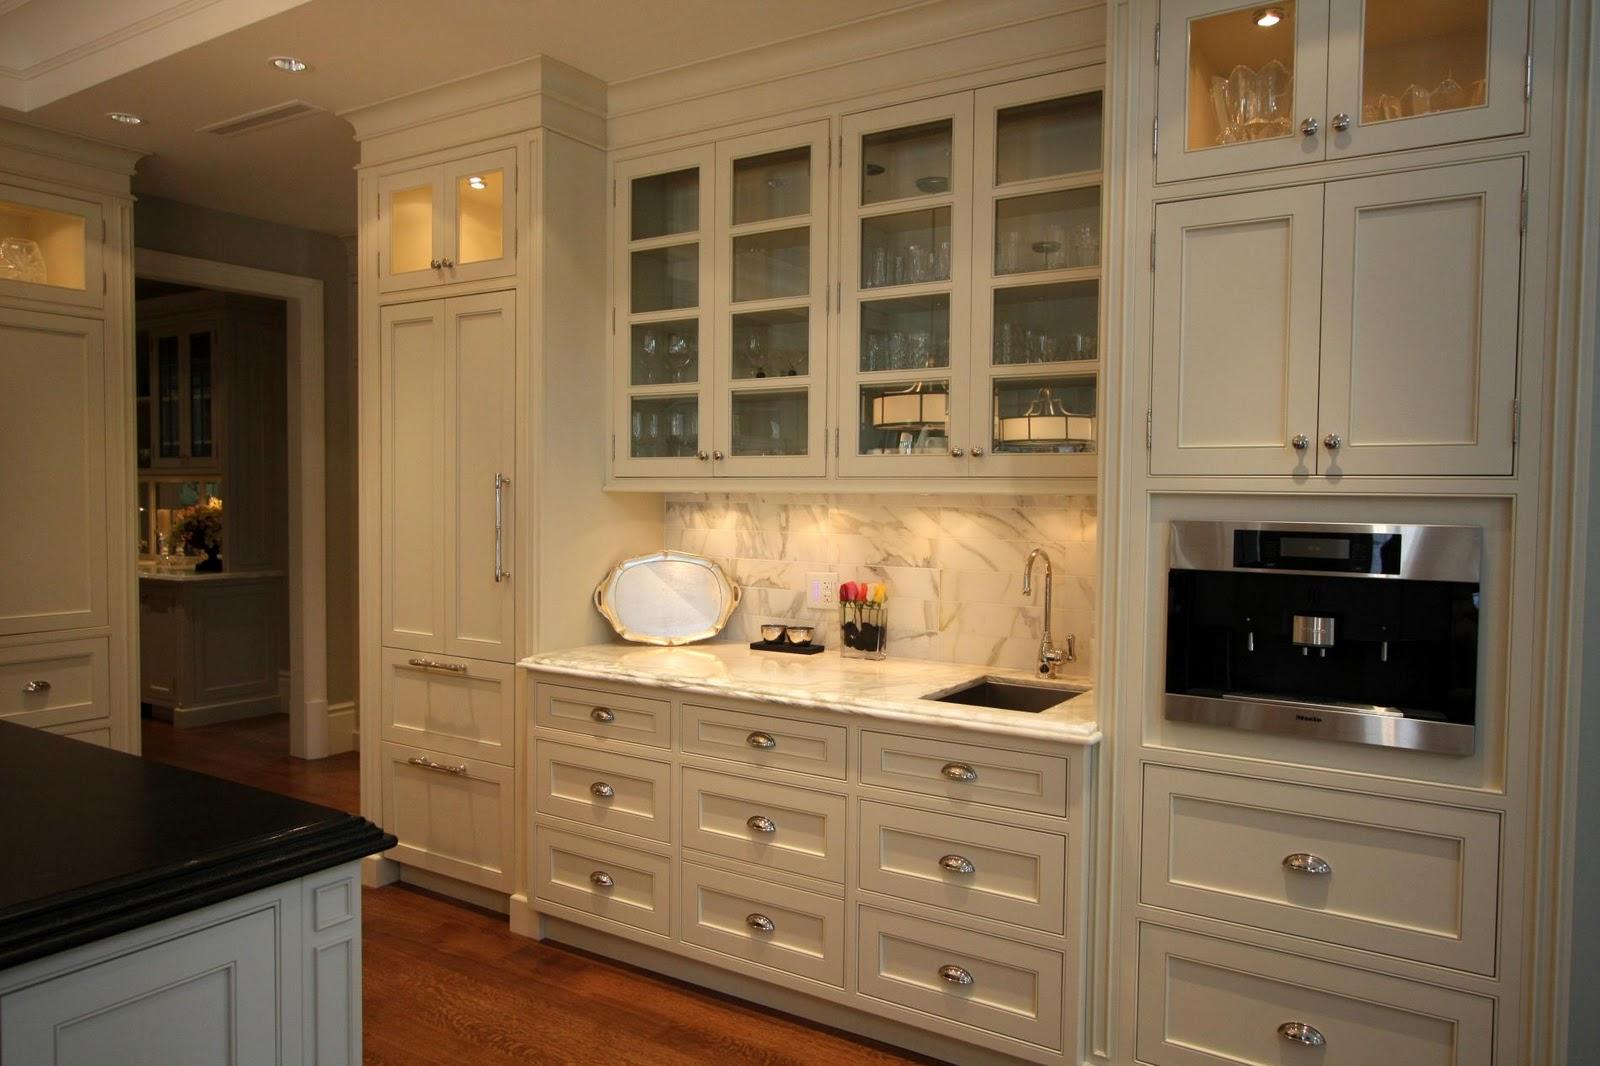 Arte en mi mundo espectacular cocina victoriana canadiense for Victorian house kitchen ideas